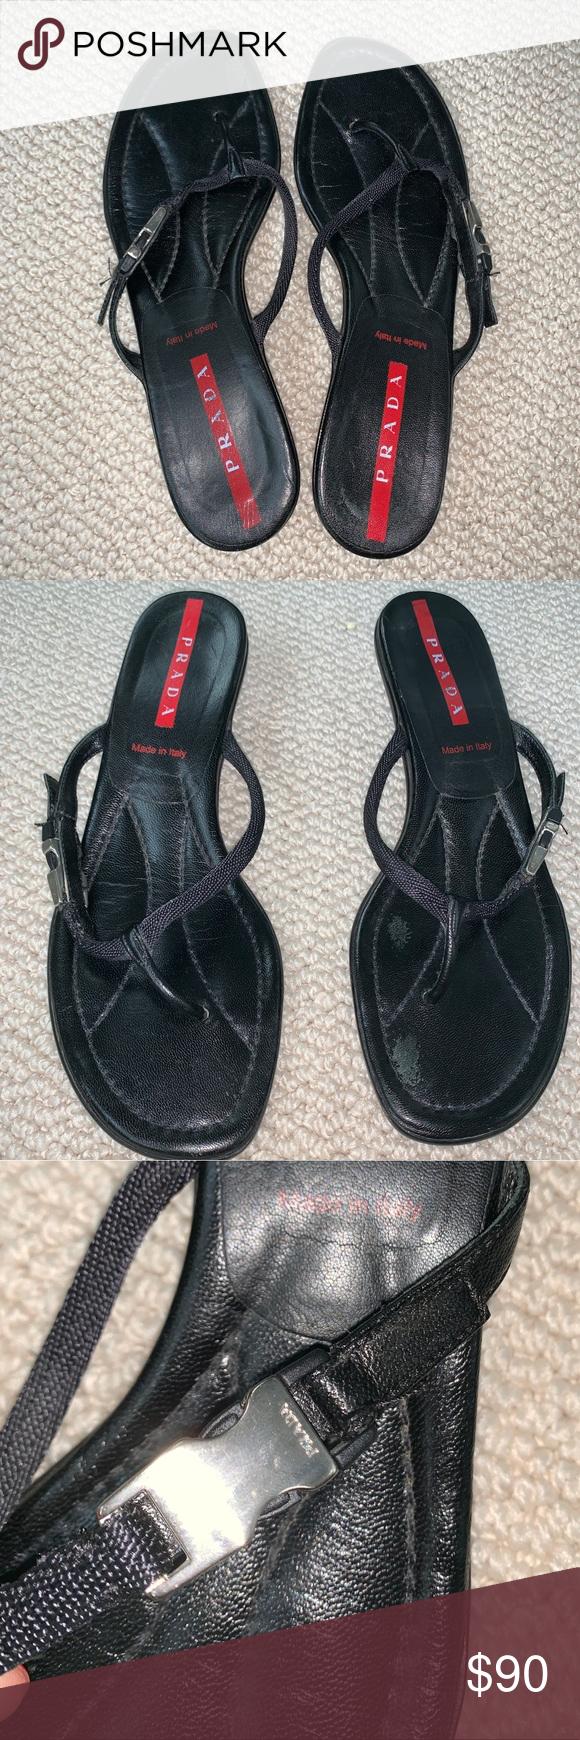 Prada Black Sport Kitten Heel Flip Flop 9 5 Heeled Flip Flops Prada Kitten Heels